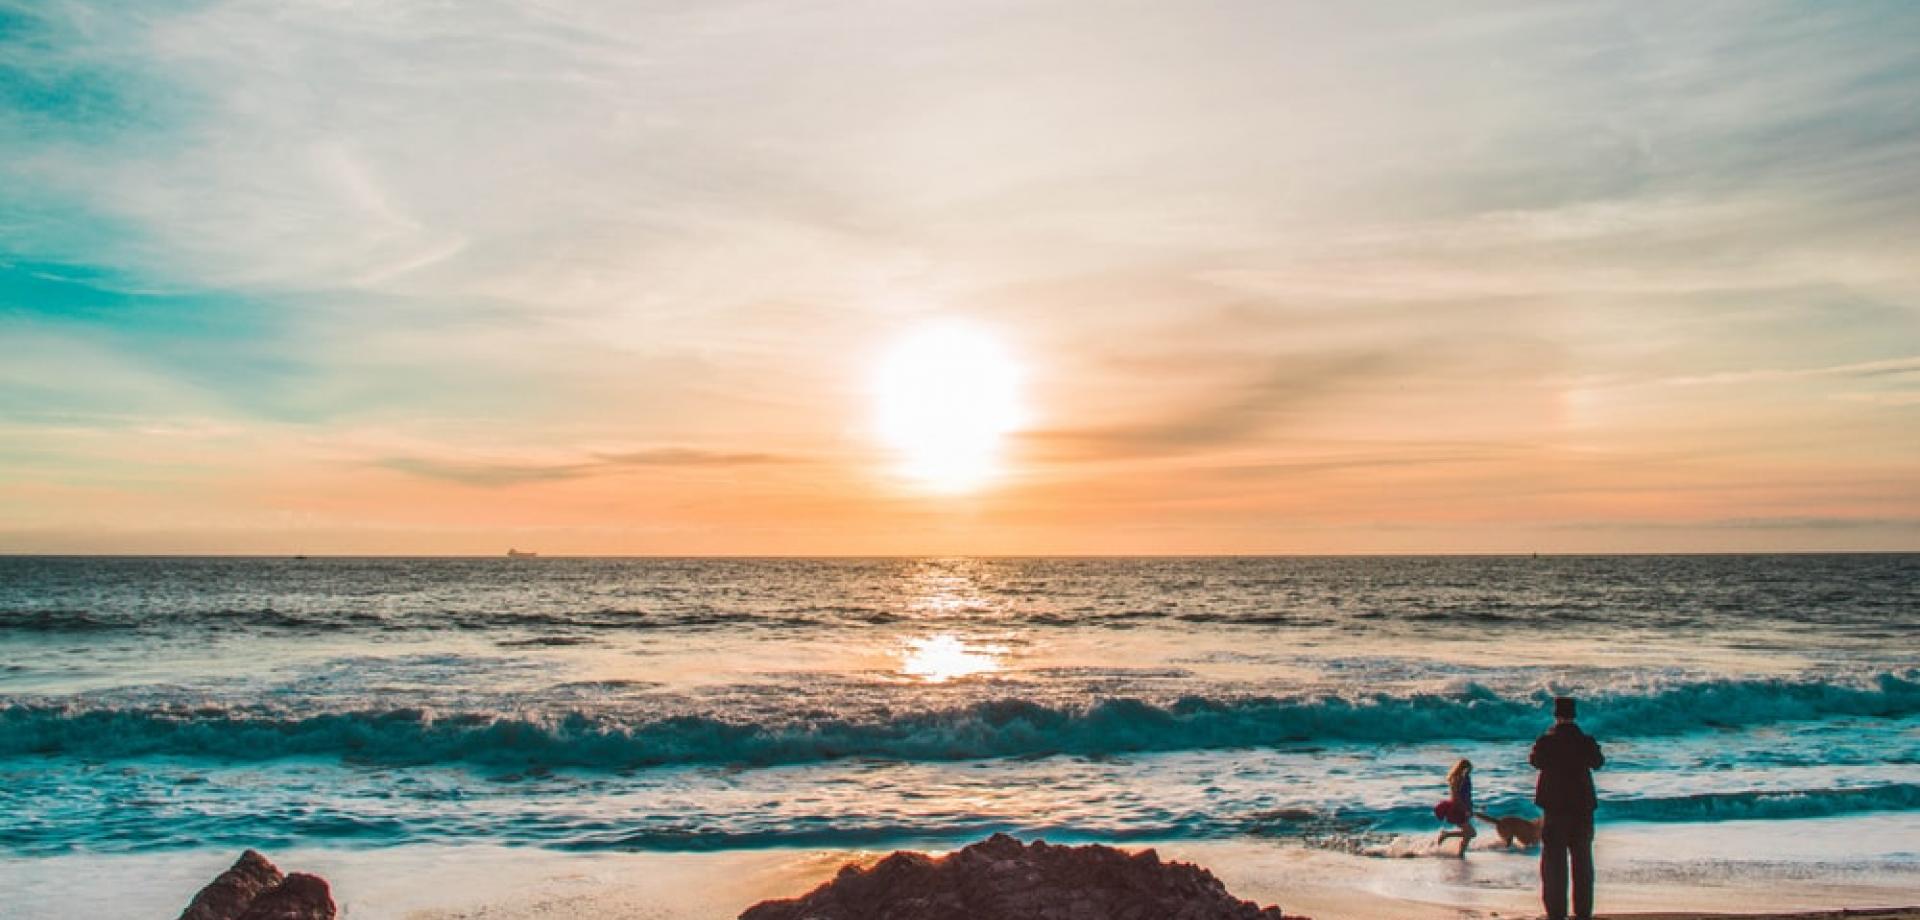 Noclegi nad morzem z wyżywieniem. 5 wskazówek, dzięki którym wybierzesz najlepszy nocleg!